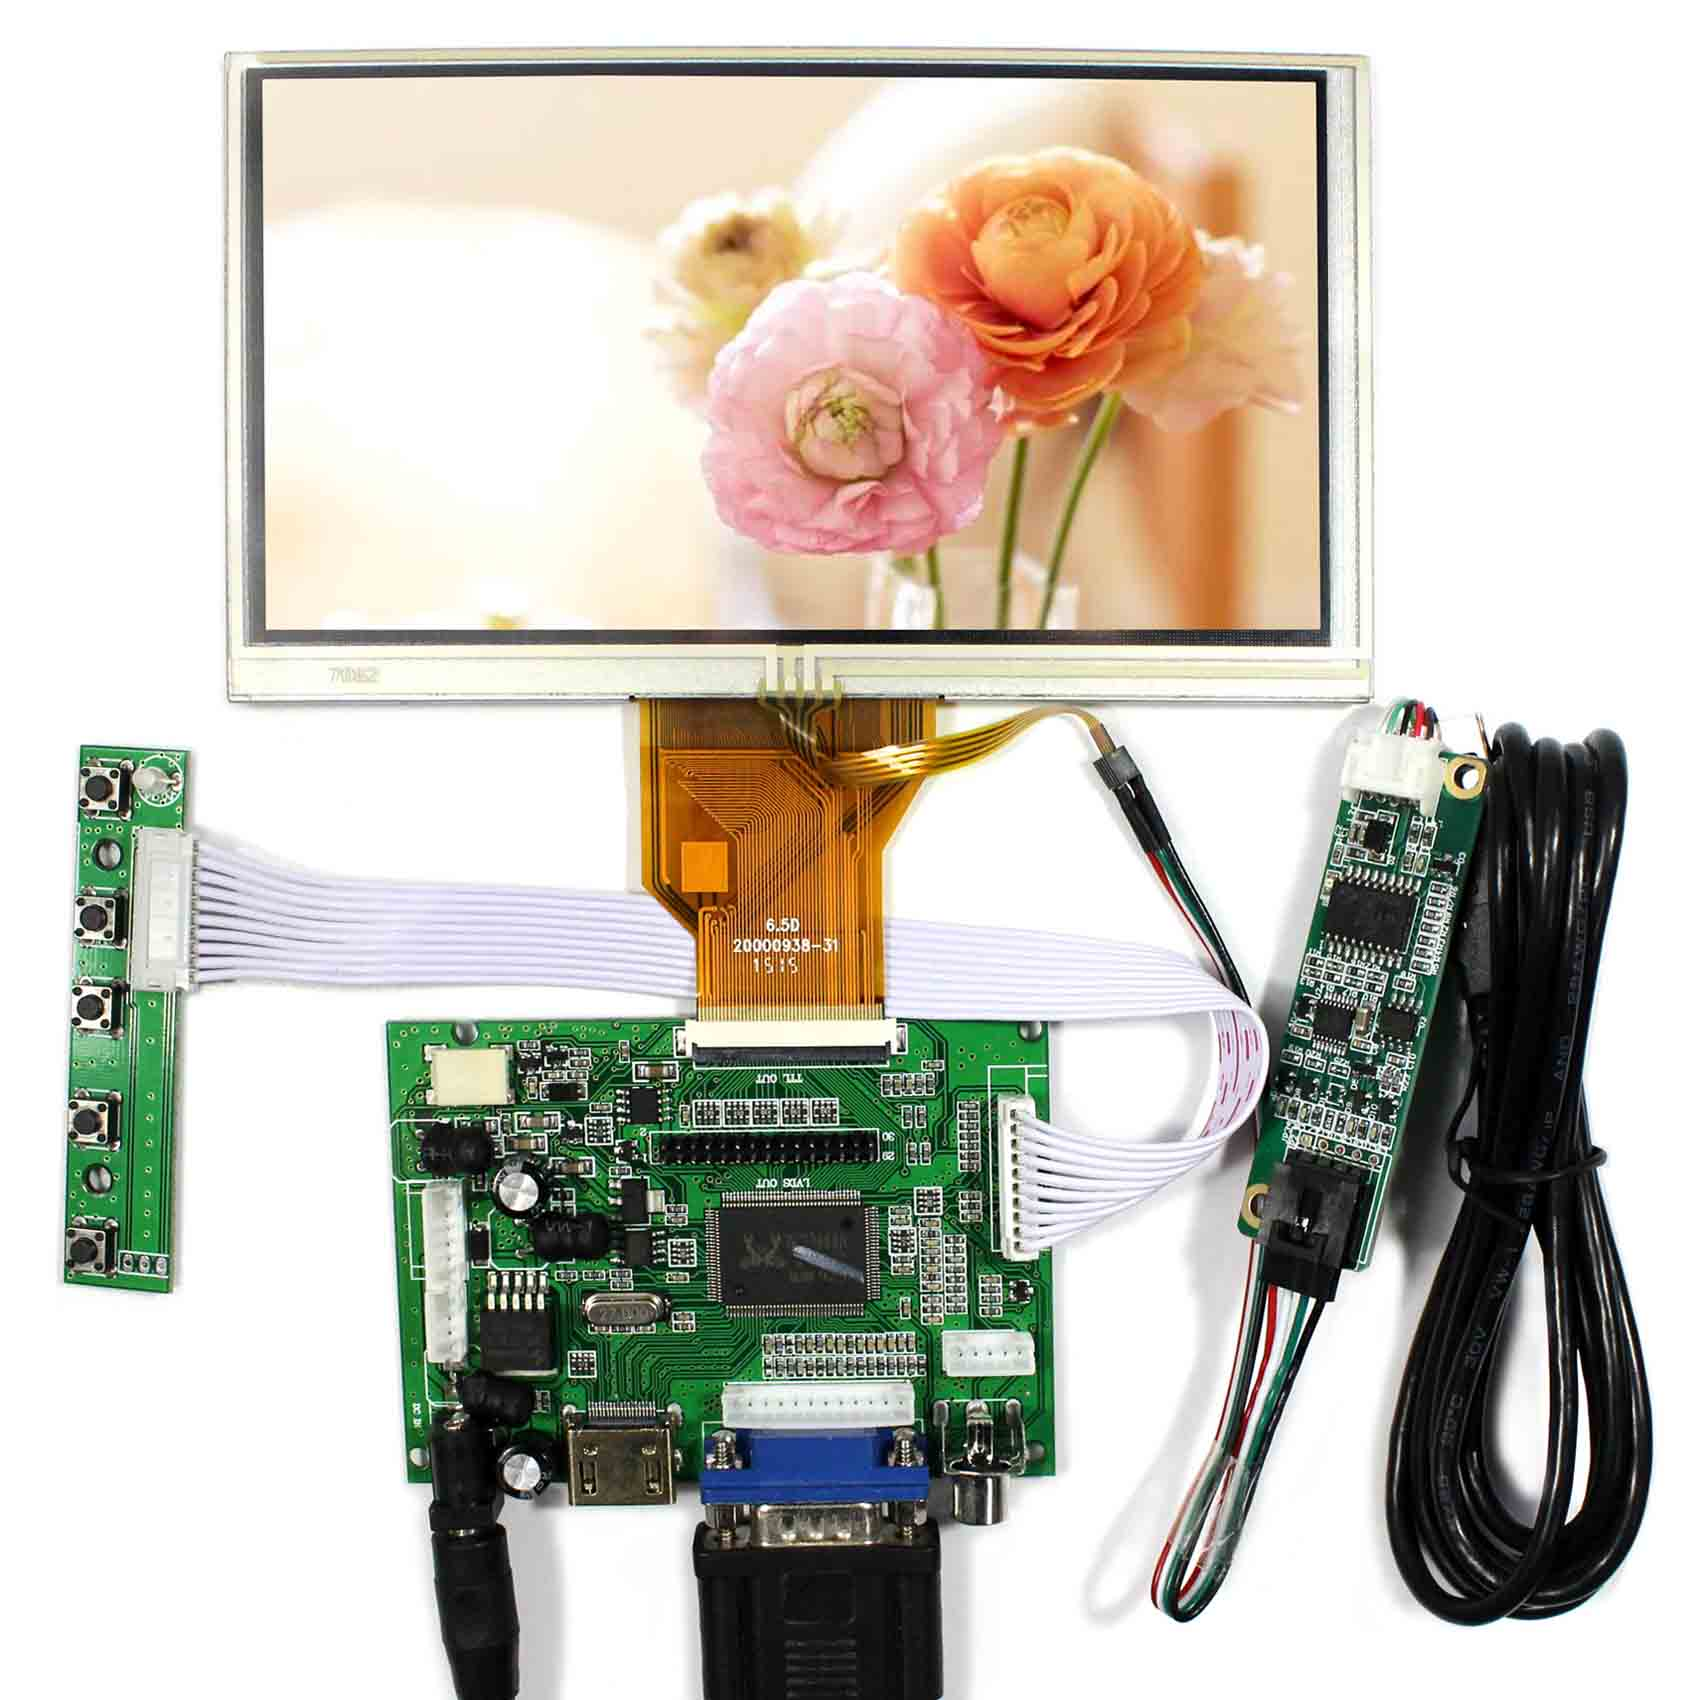 все цены на HDMI+VGA+2AV Controller Board VS-TY2662-V1 + 6.5inch 800x480 AT065TN14 LCD Touch Screen онлайн